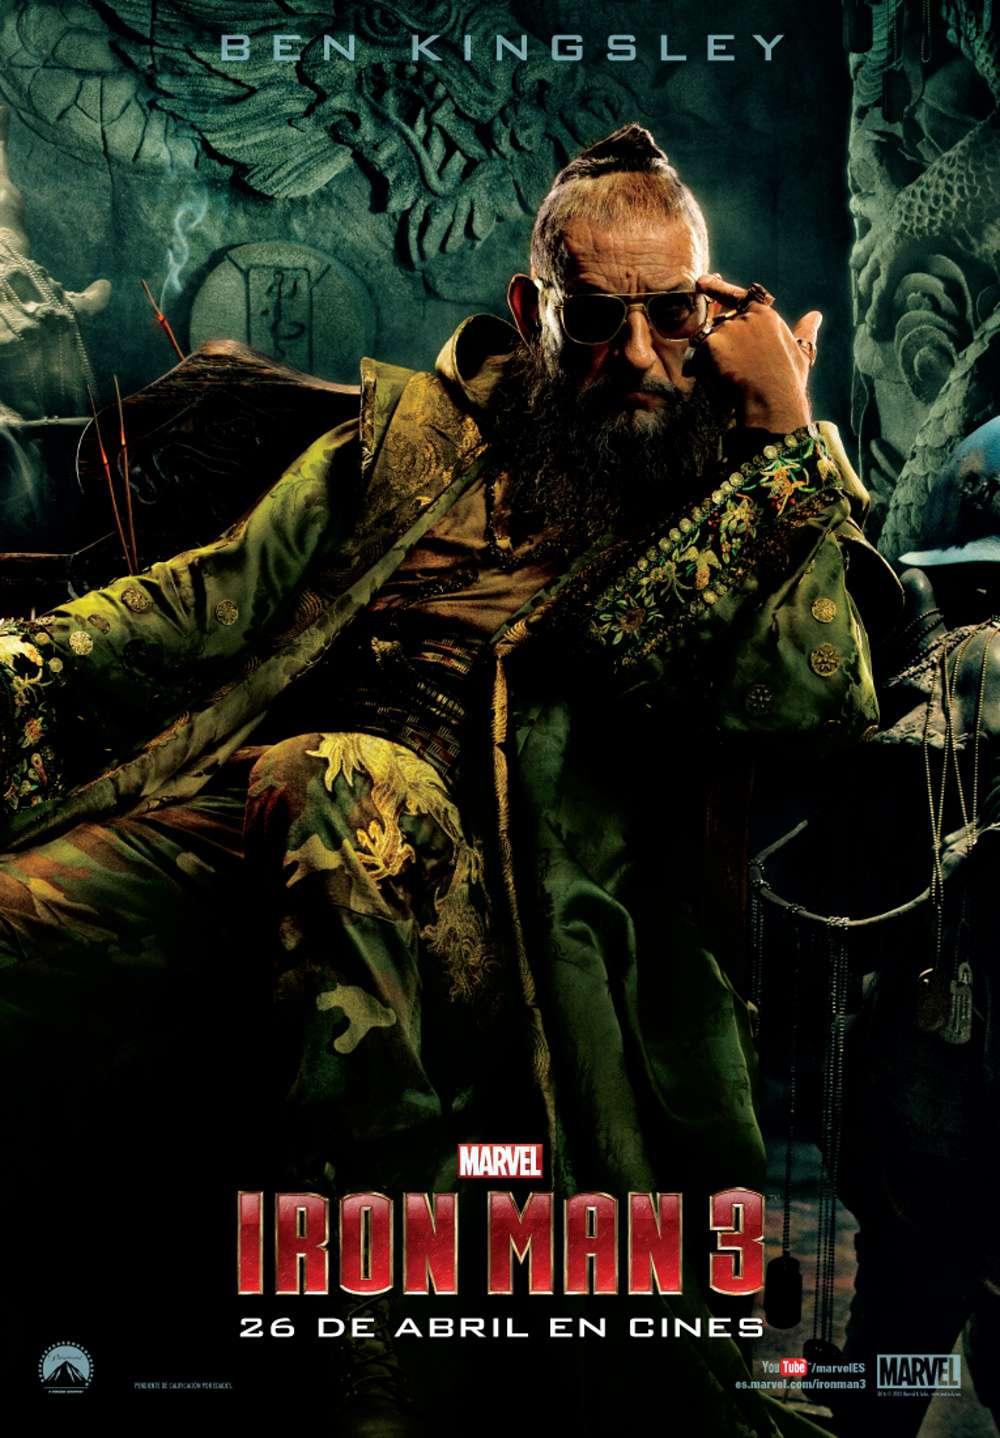 Iron Man 3. Mandarín